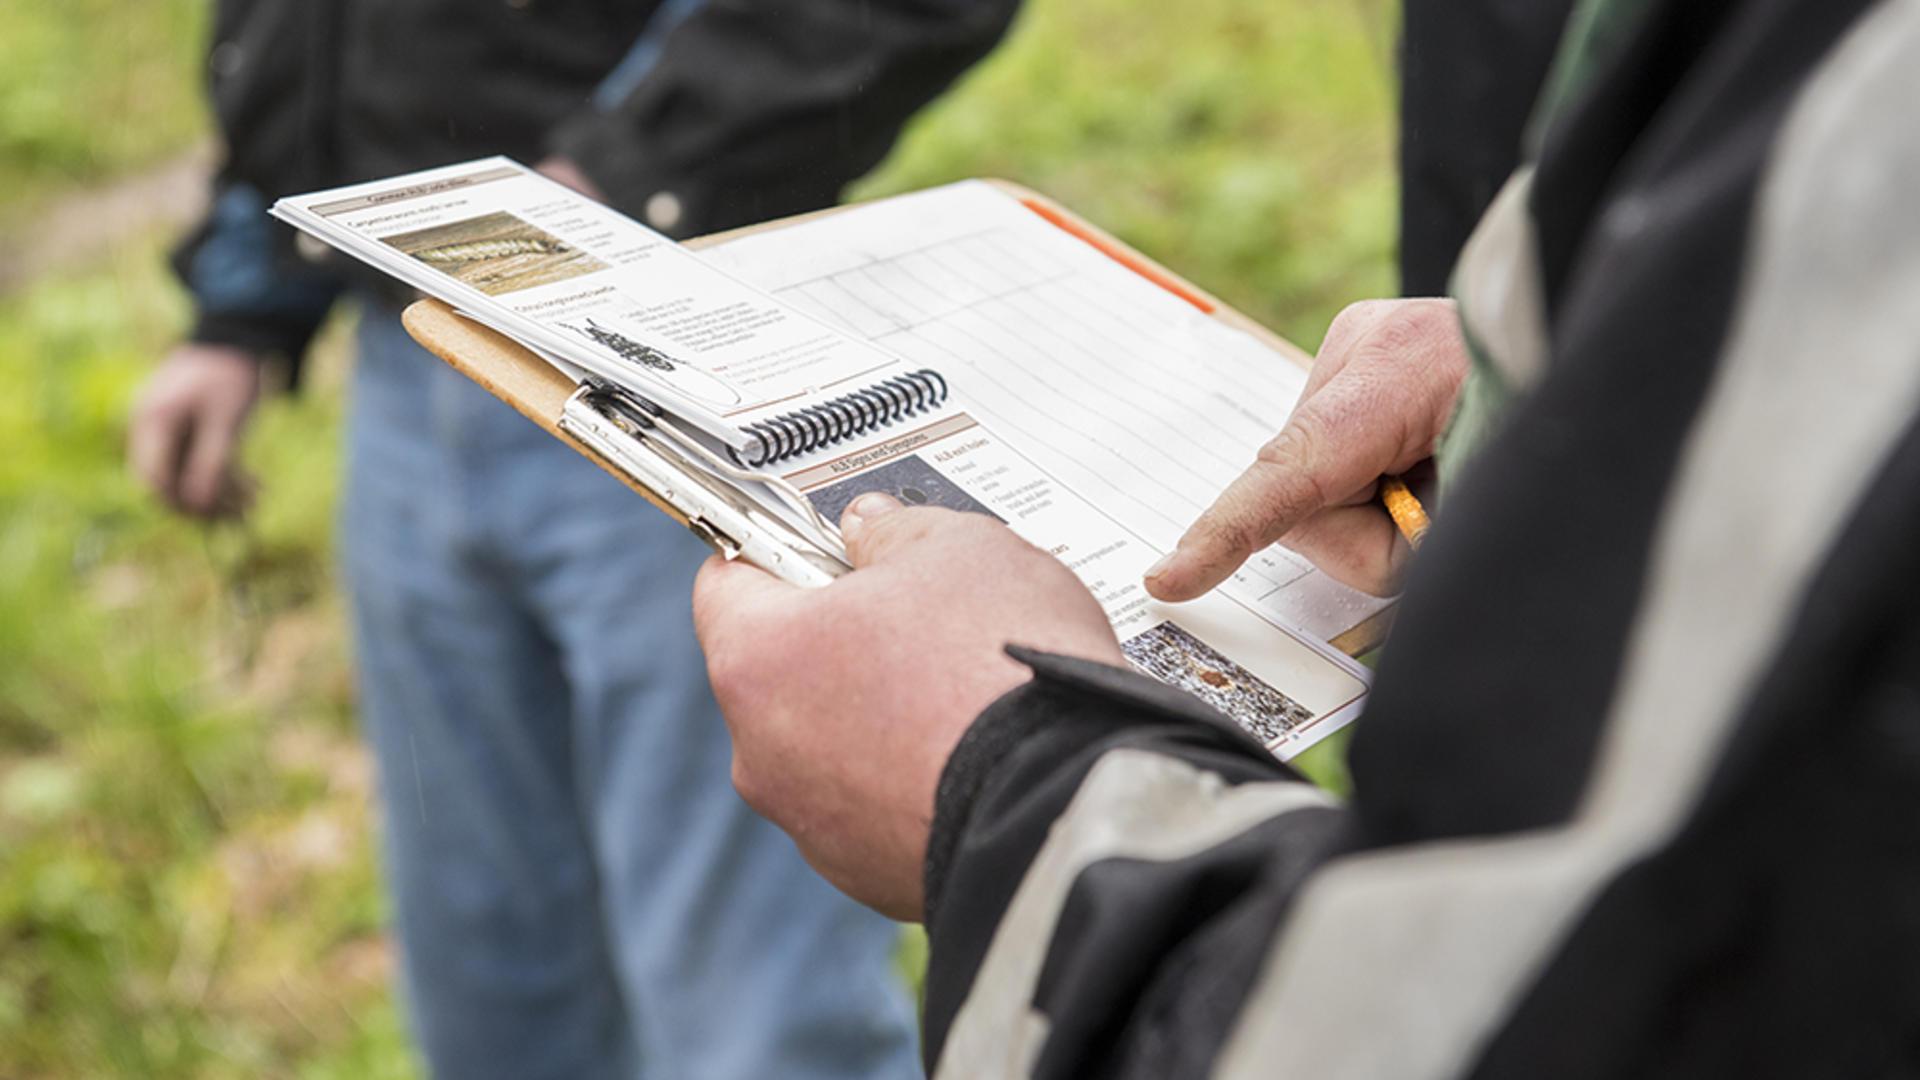 Oregon pest detectors in training